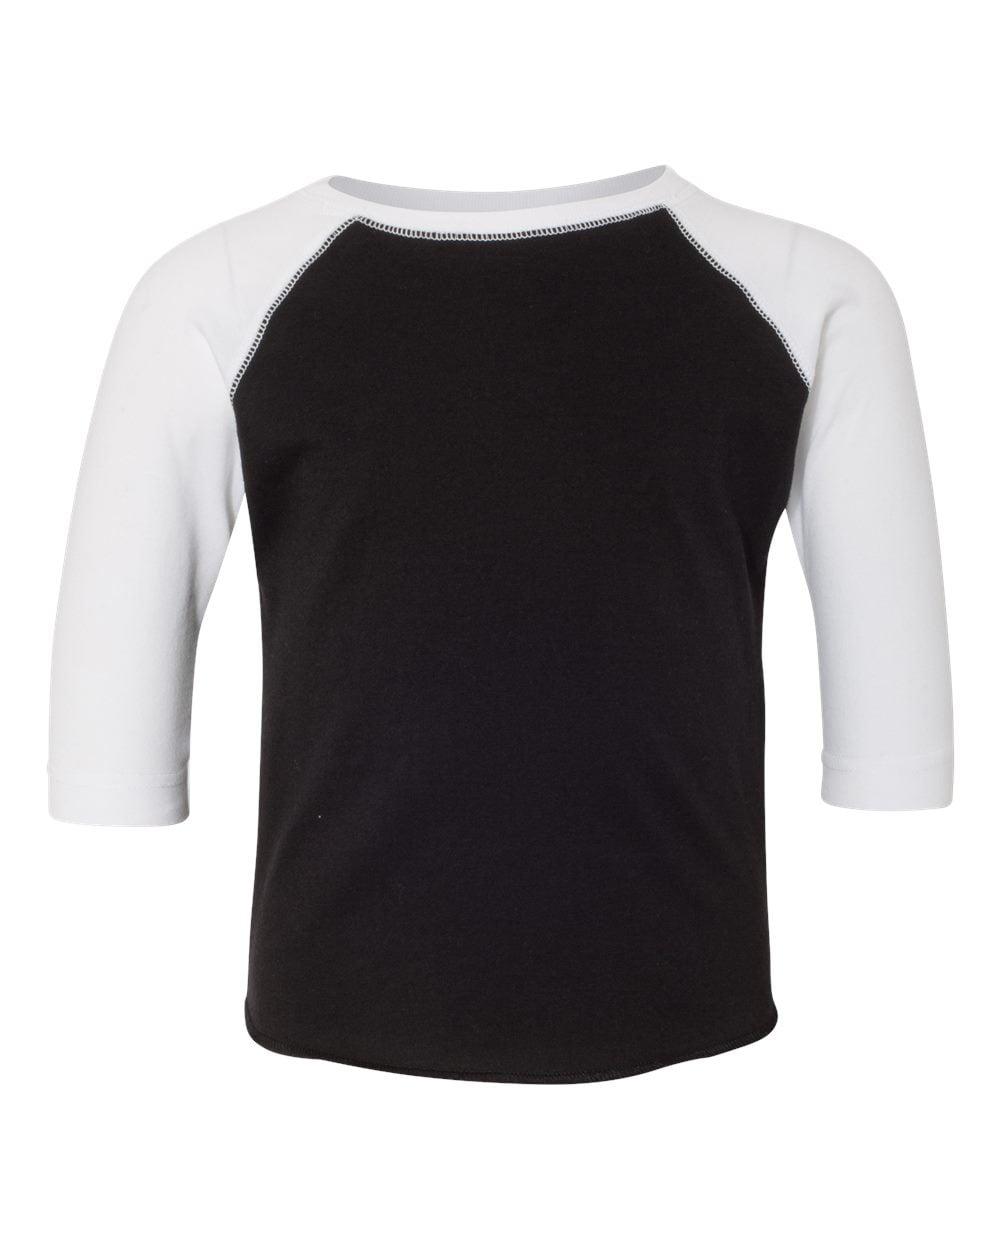 Rabbit Skins 3330 Toddler Baseball T-Shirt - Heather/ Smoke - 2 Toddler